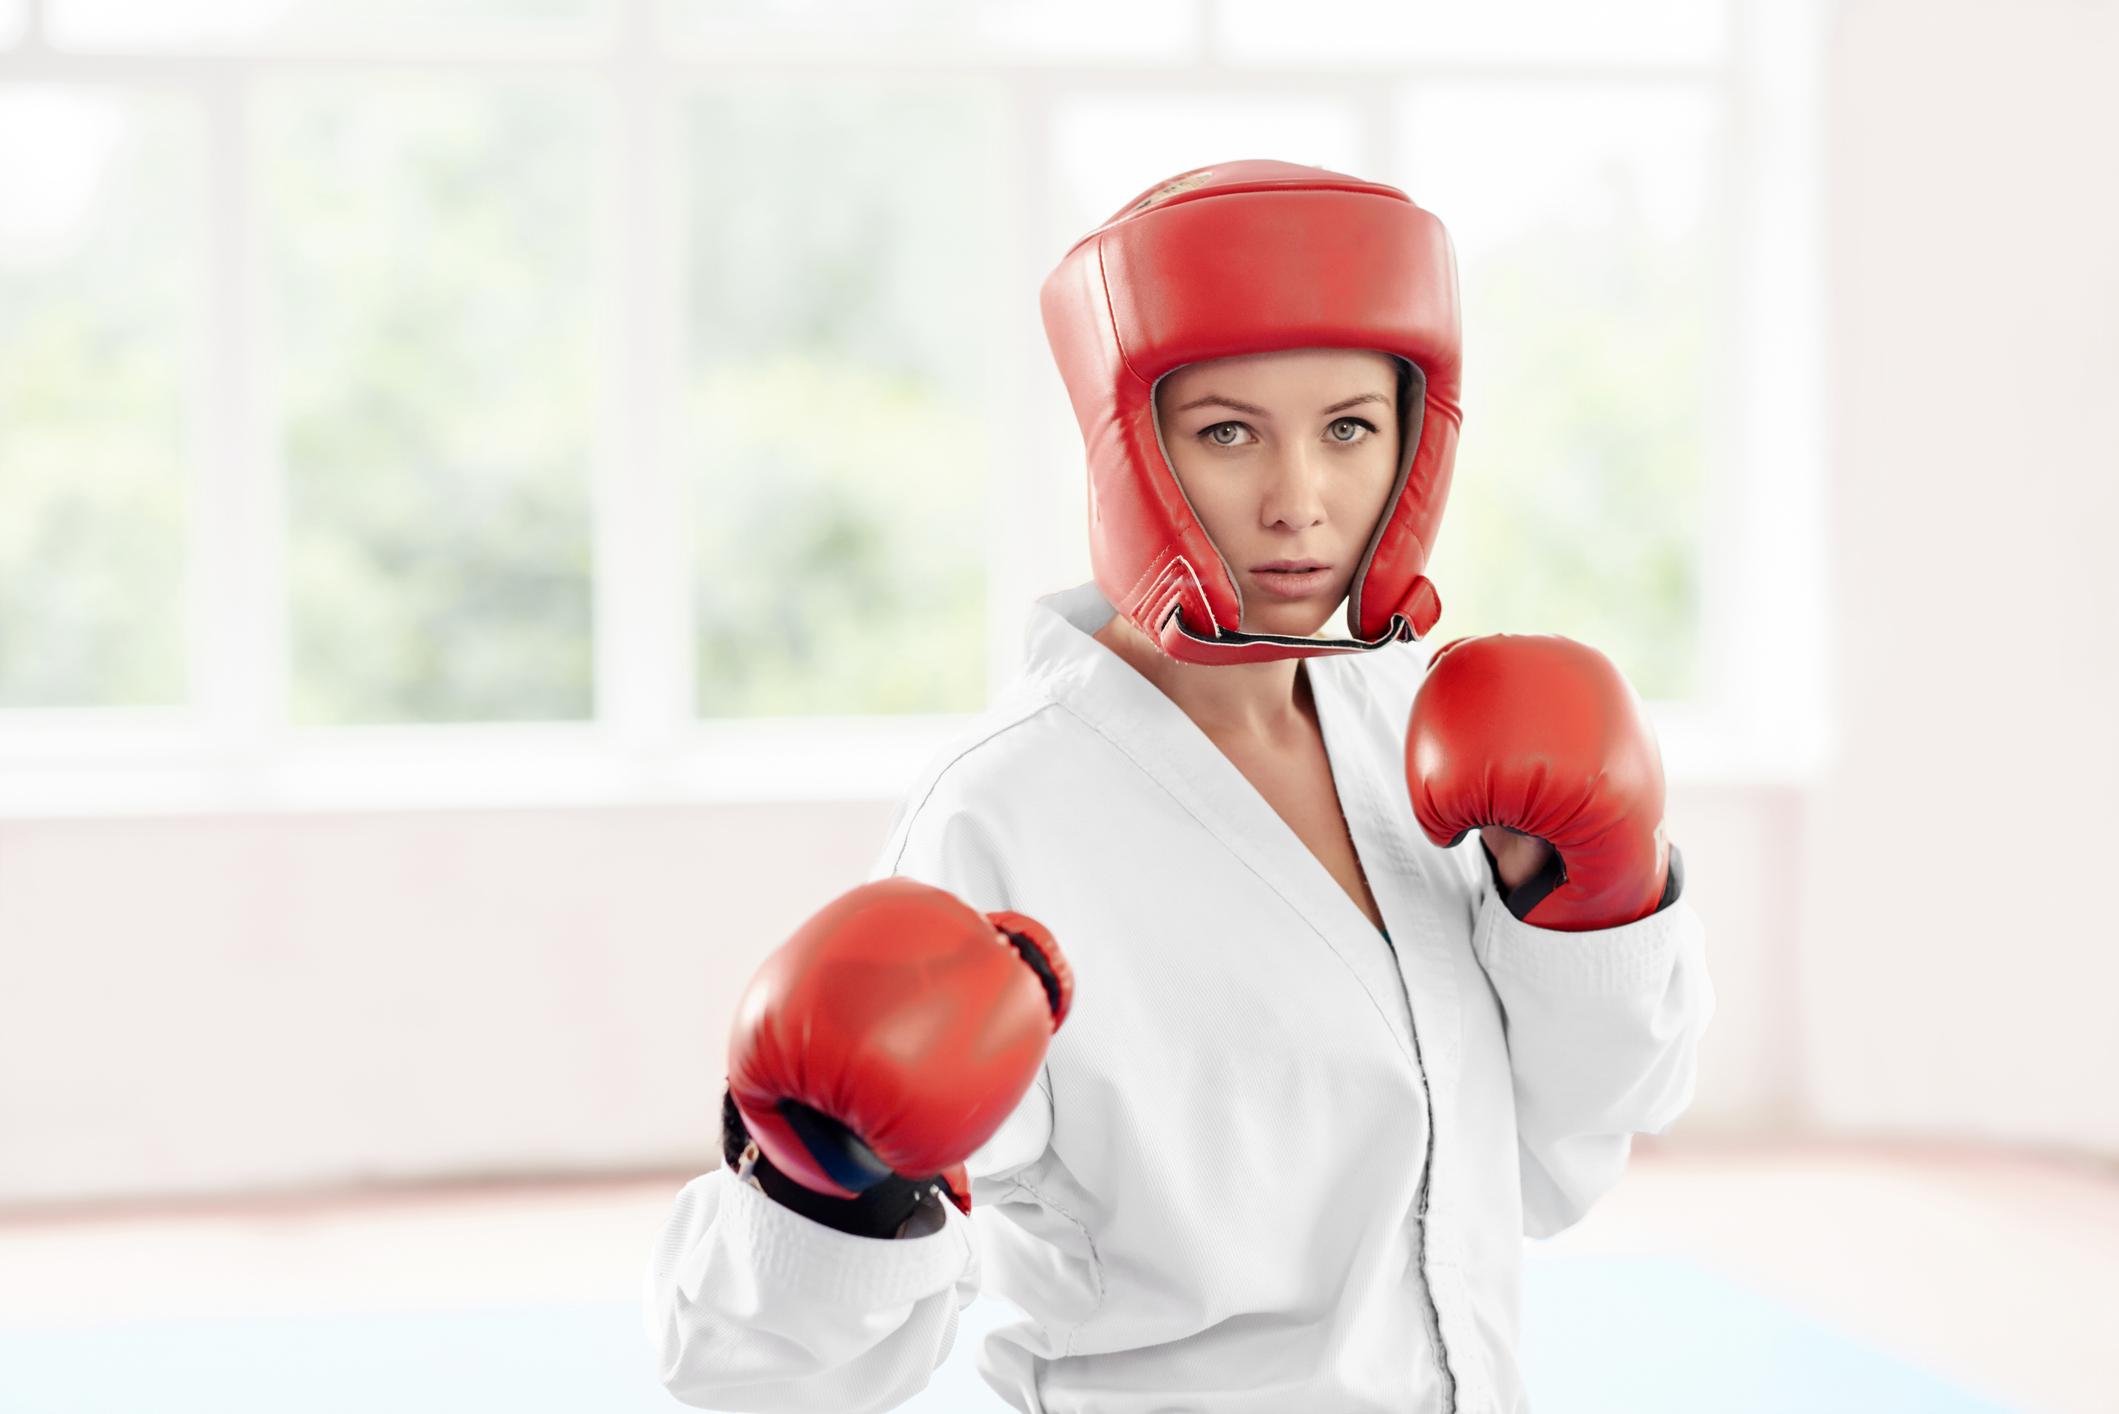 Найкращі види спорту для жінок, які допоможуть захистити себе